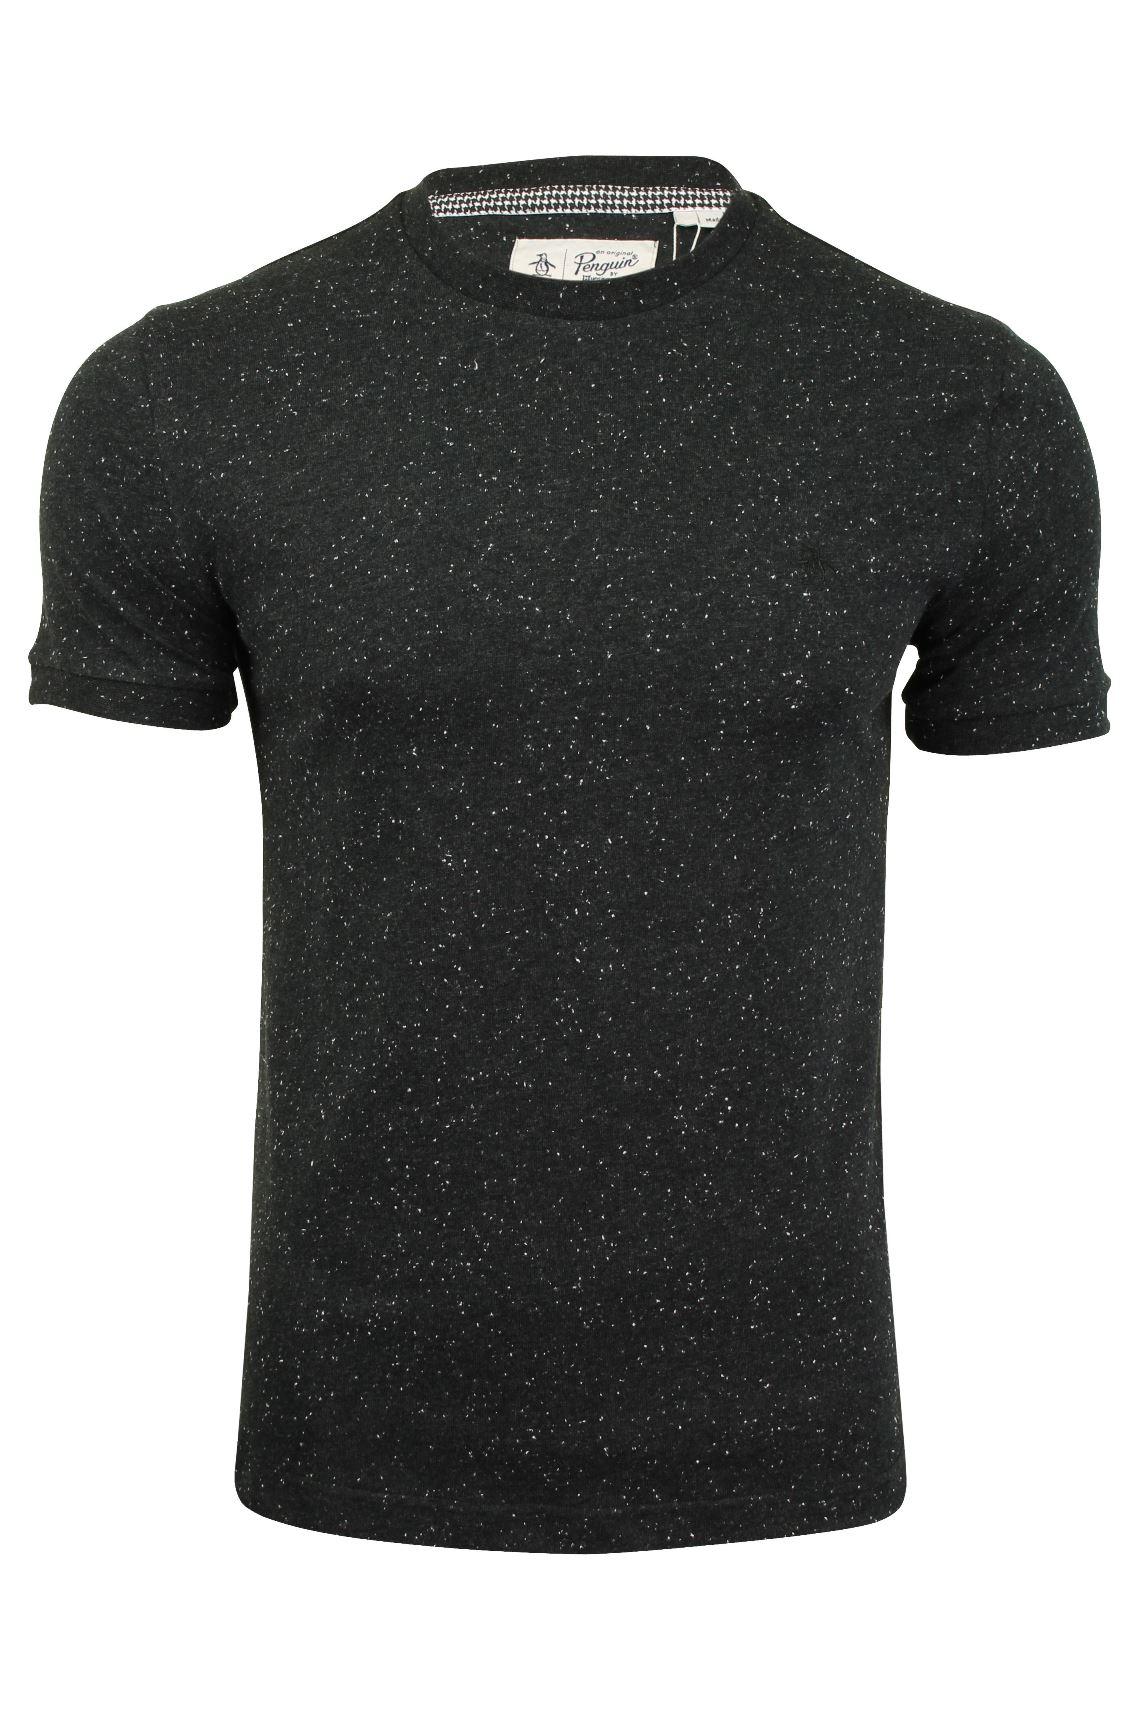 Zahida Polo T-shirt pour hommes original manches courtes fête WOW offre oGflZh6kQ